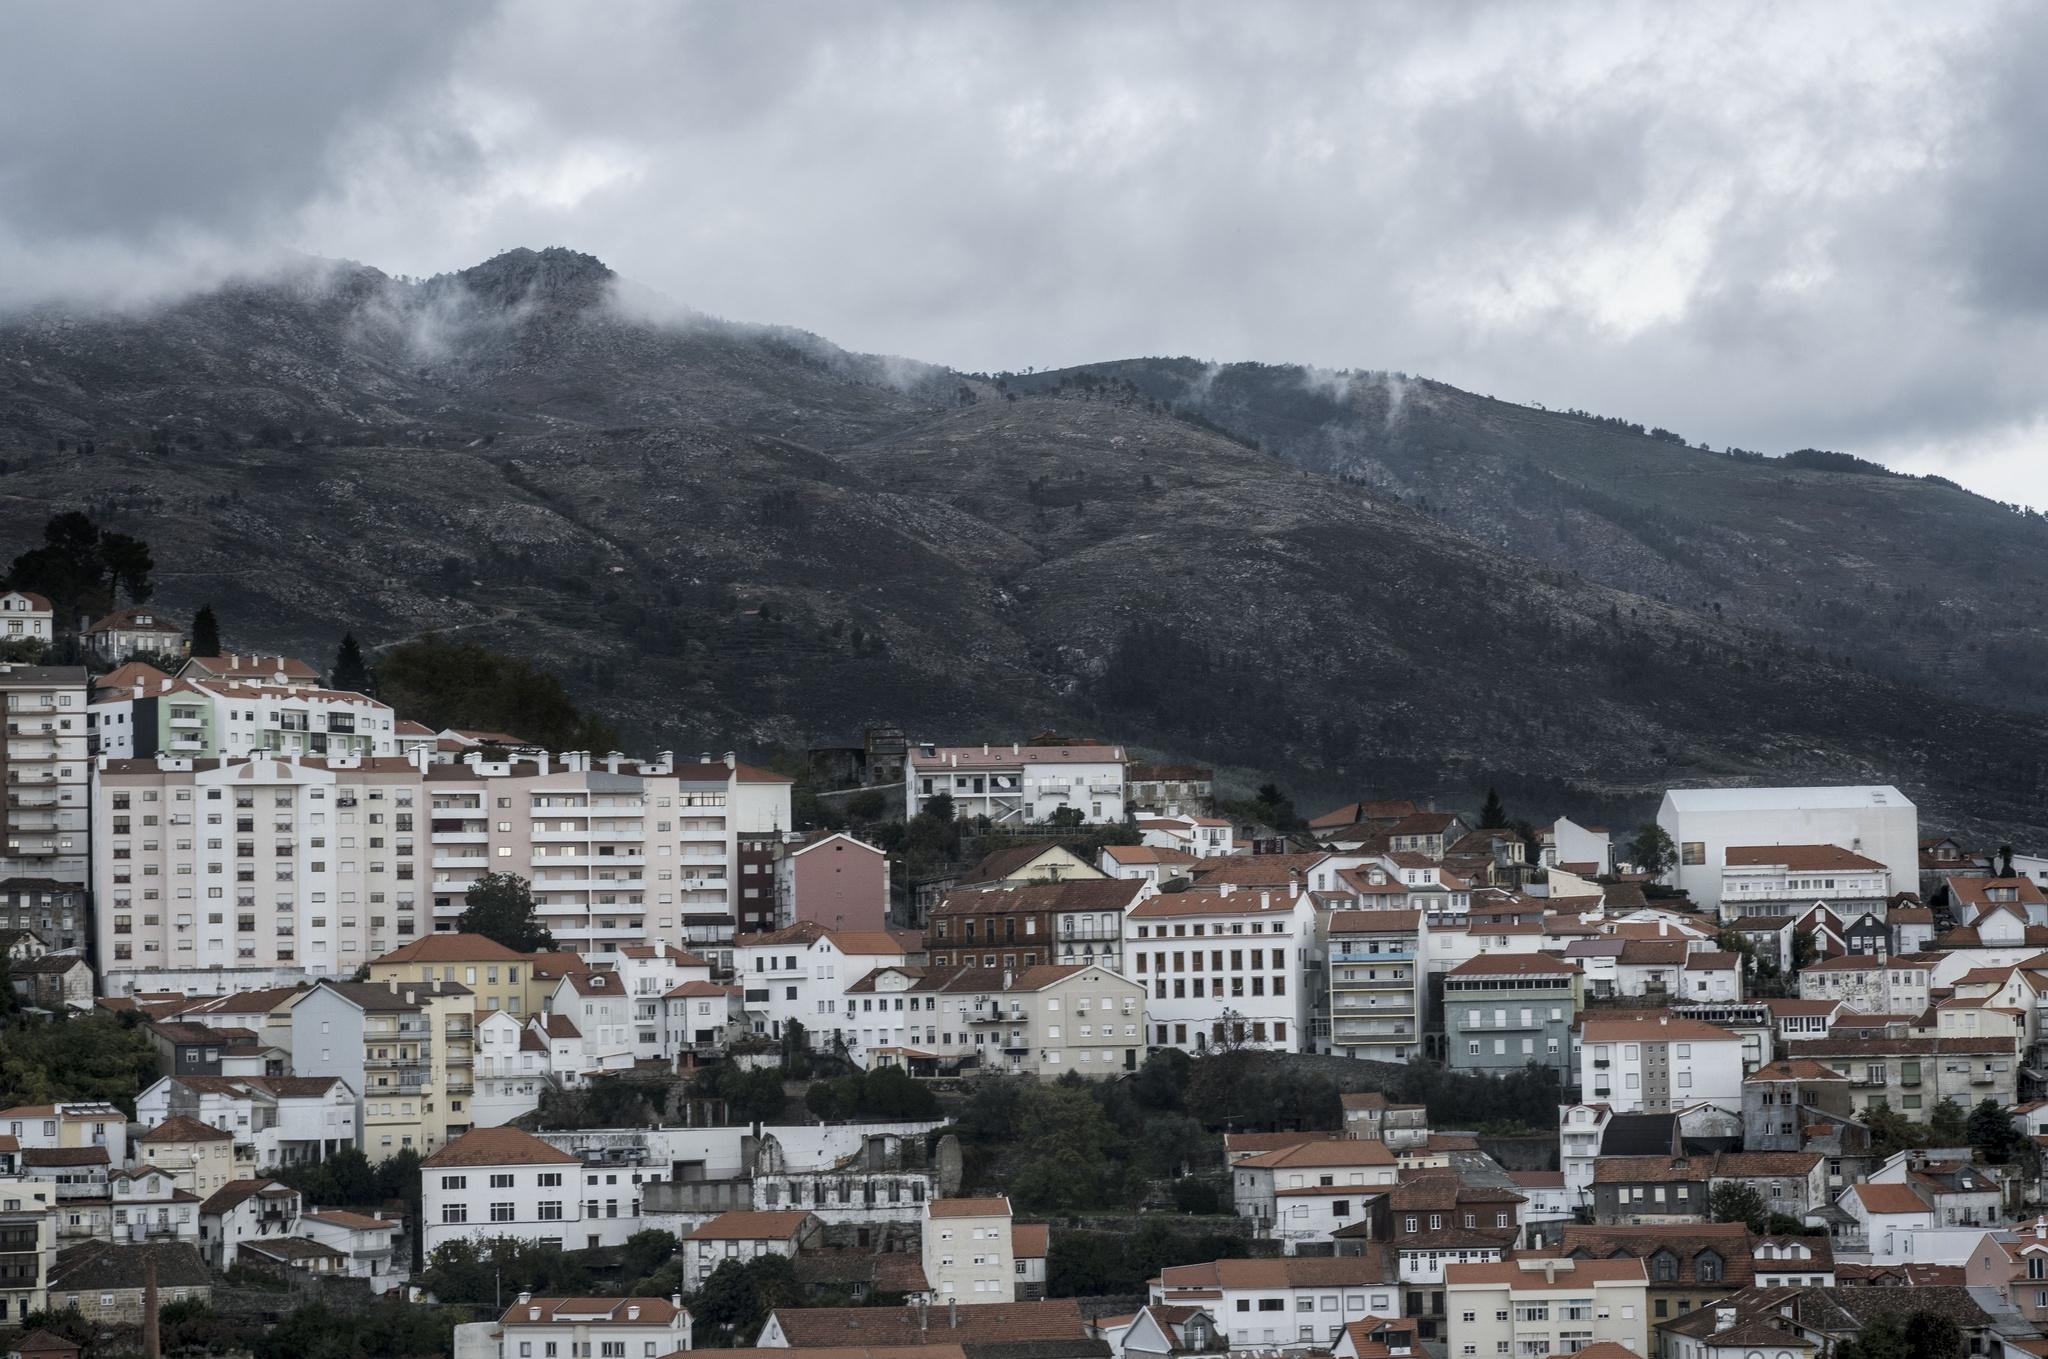 Associação da Covilhã avança com projectos de melhoria em bairros de habitação social